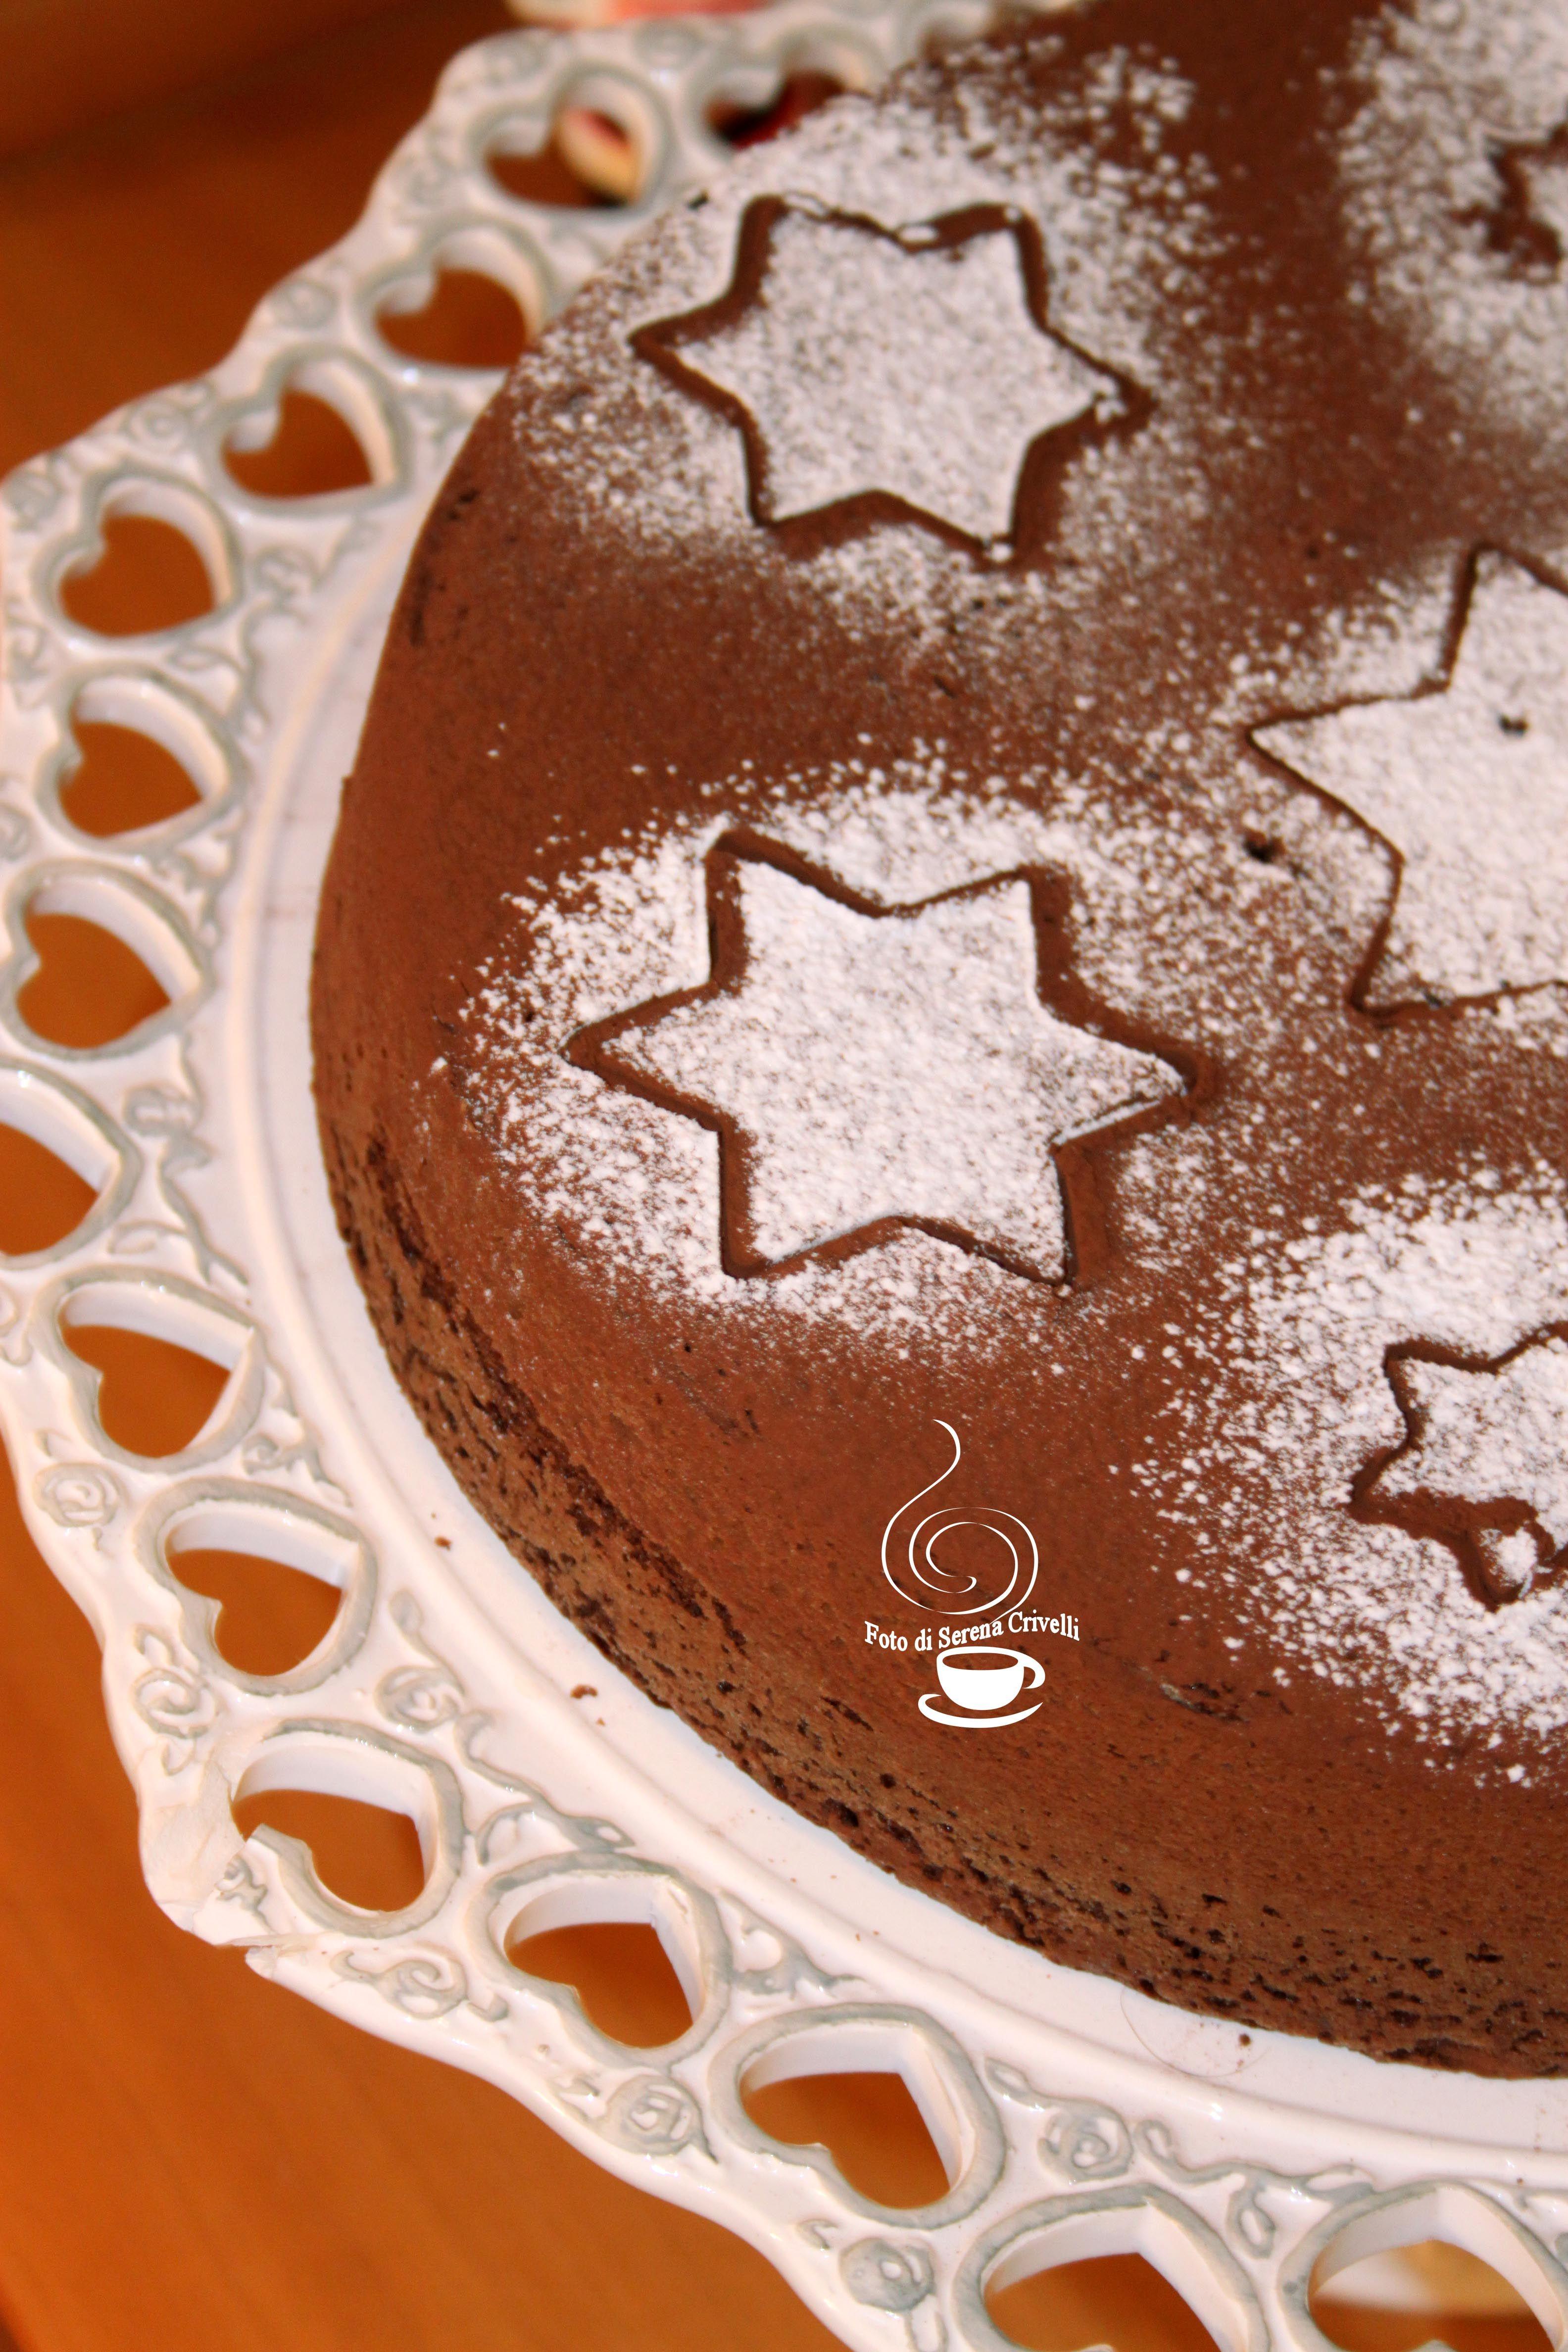 http://dolcipensieri.wordpress.com/2014/01/08/torta-al-cioccolato-e-vodka-di-dolcipensieri/